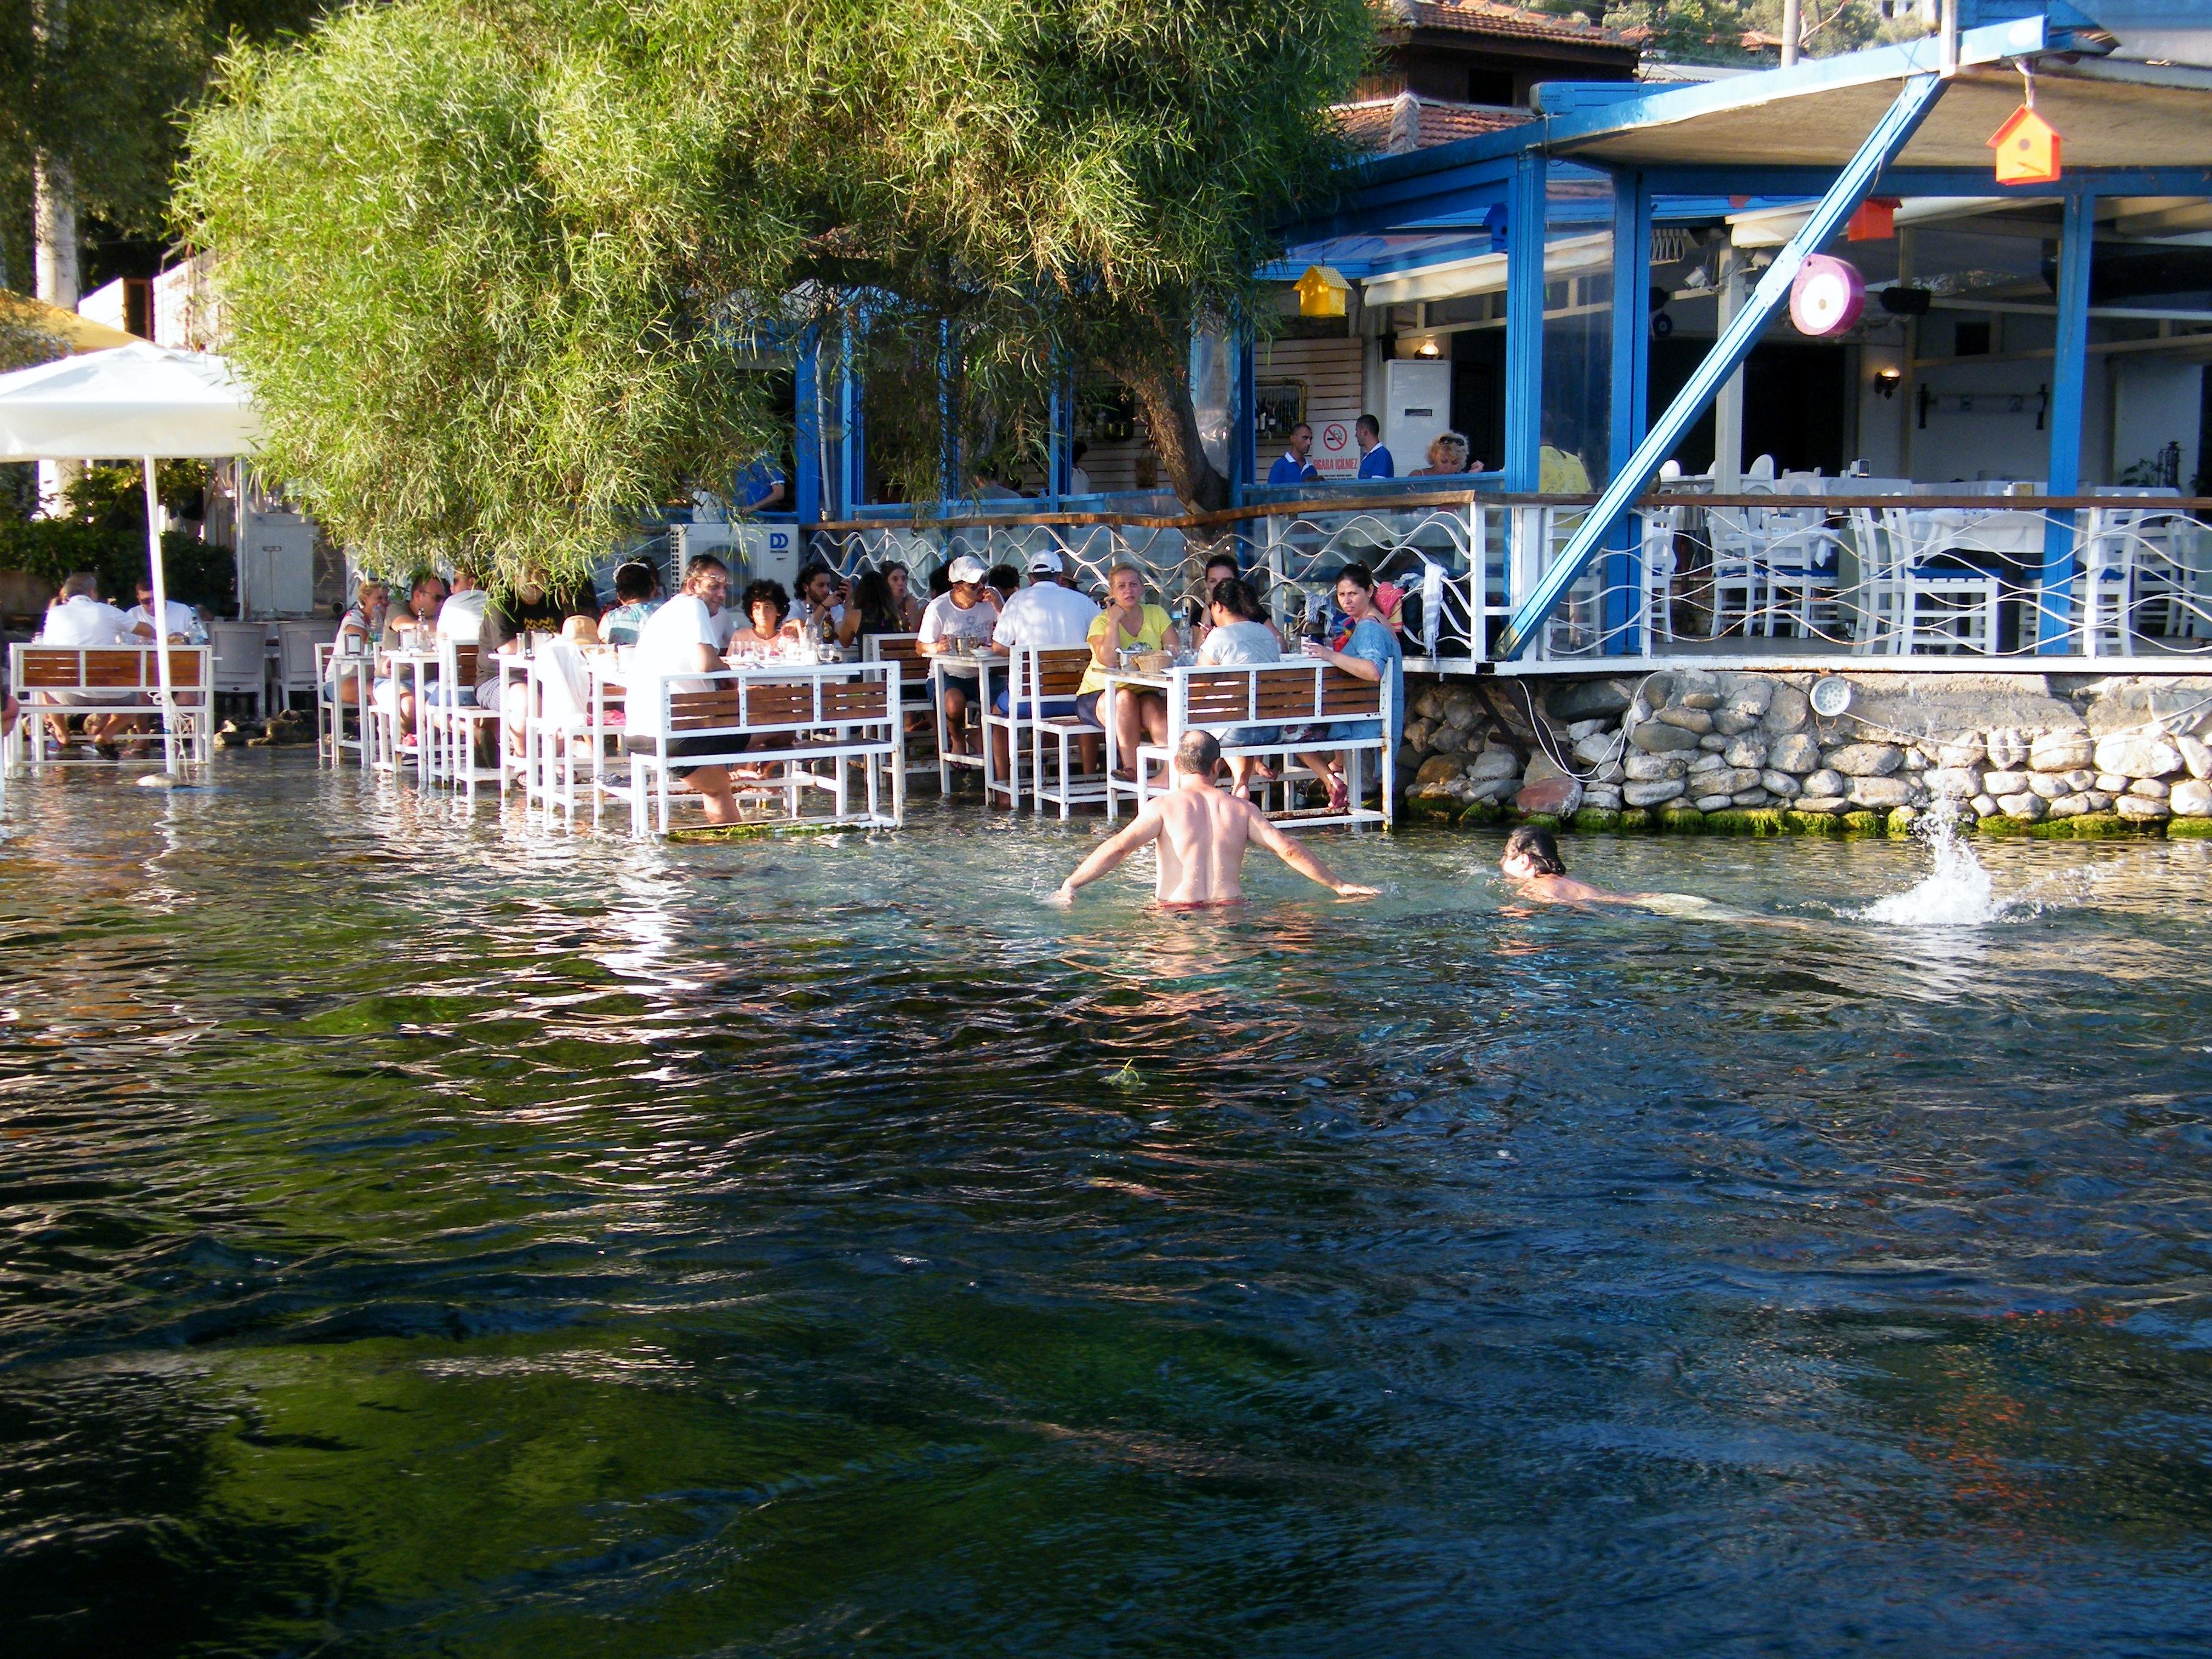 Gente que se baña entre las mesas de un restaurantes posadas en la orilla del río de Akyaka en el Egeo turco / J.M Akyaka en el Egeo turco